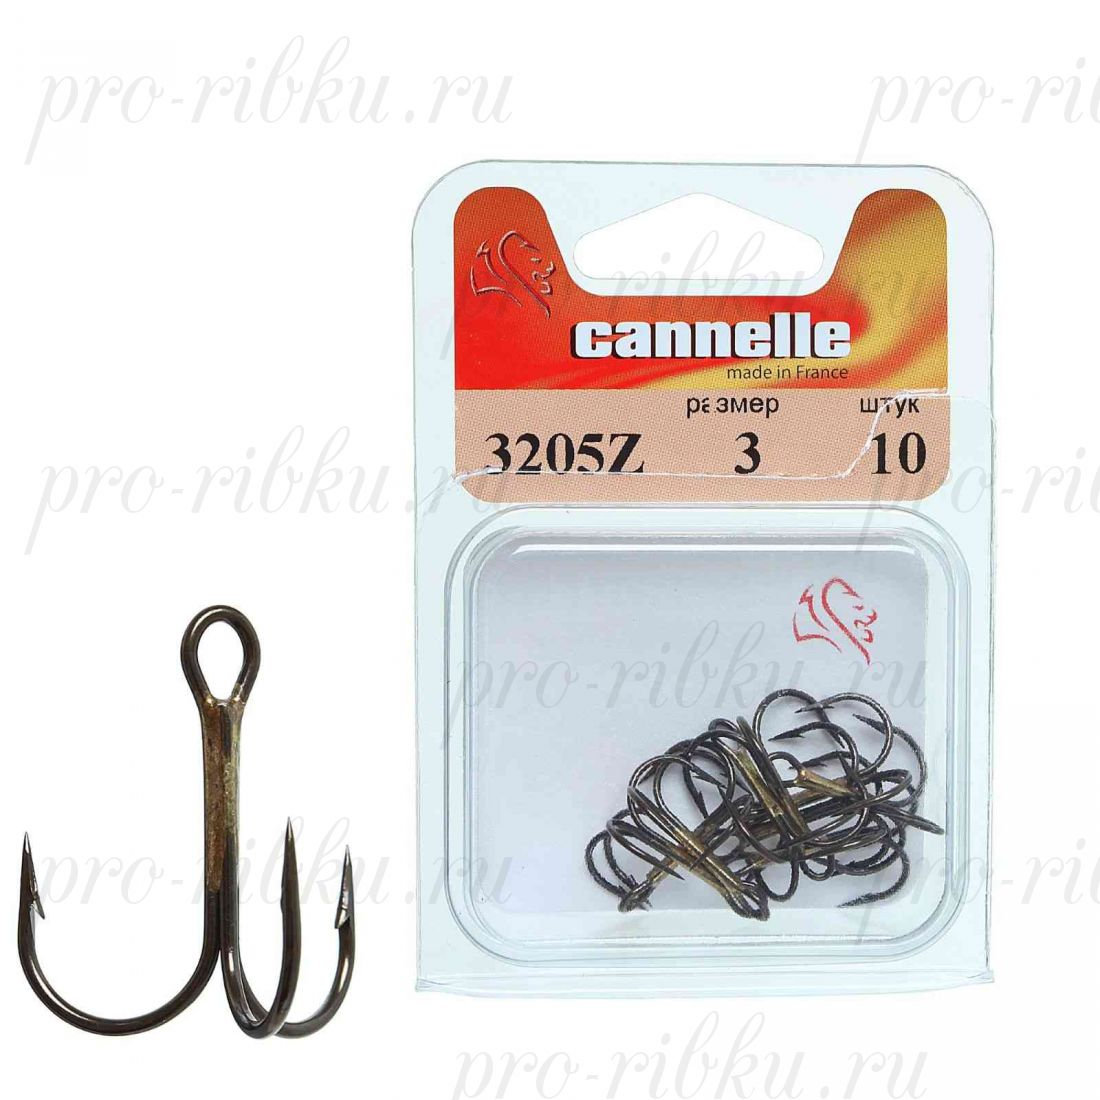 Тройник Cannelle 3205 N № 8 уп. 100 шт. (никель,круглый поддев,стандартный тройник,средняя проволока)